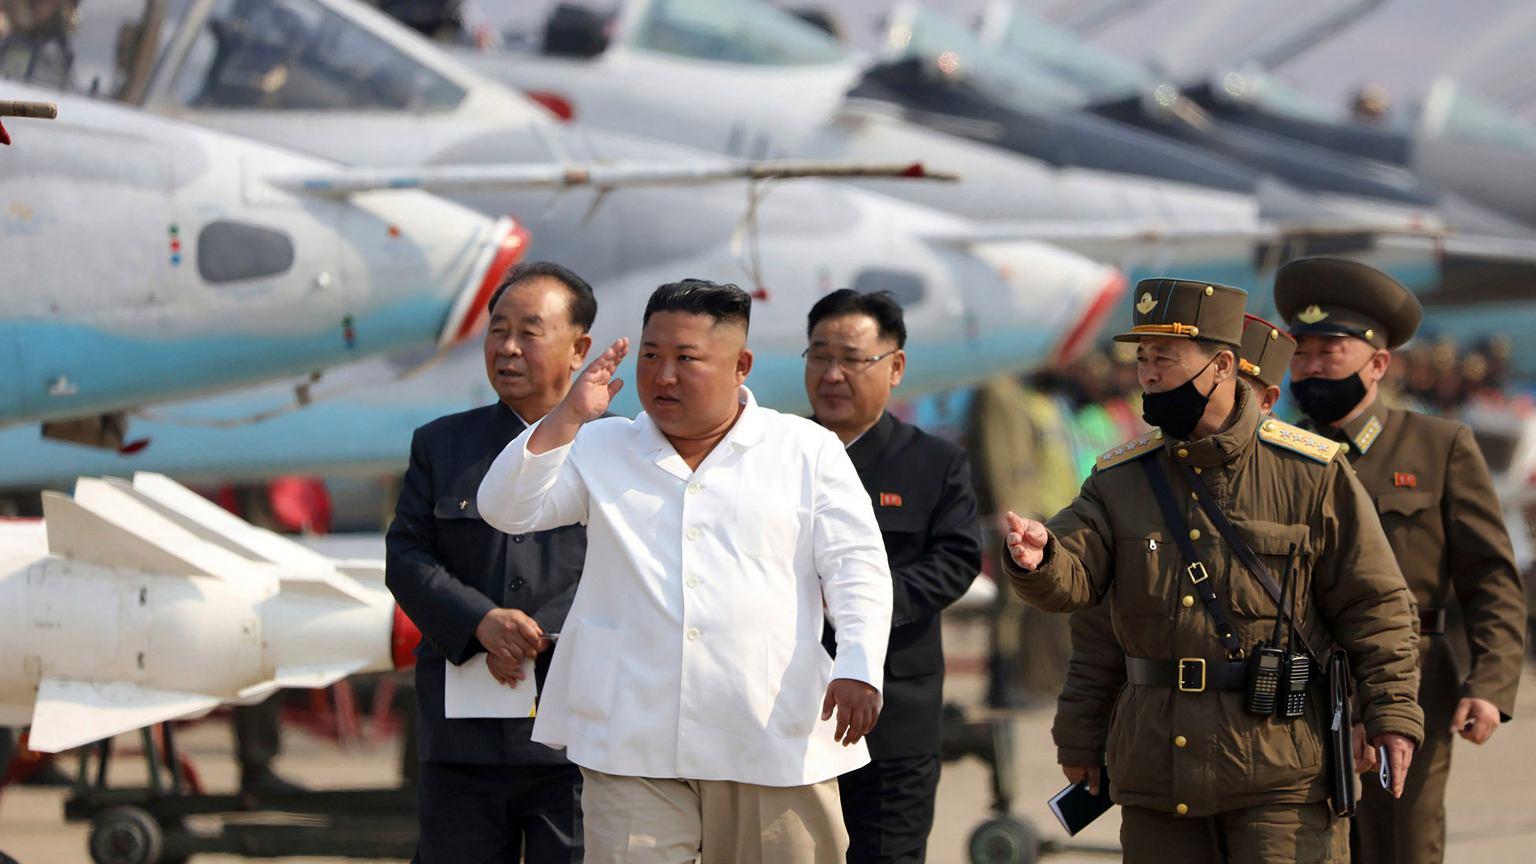 Korea Północna. Kim Dzong Un w stanie krytycznym? Tak twierdzi CNN | Wiadomości ze świata - Gazeta.pl